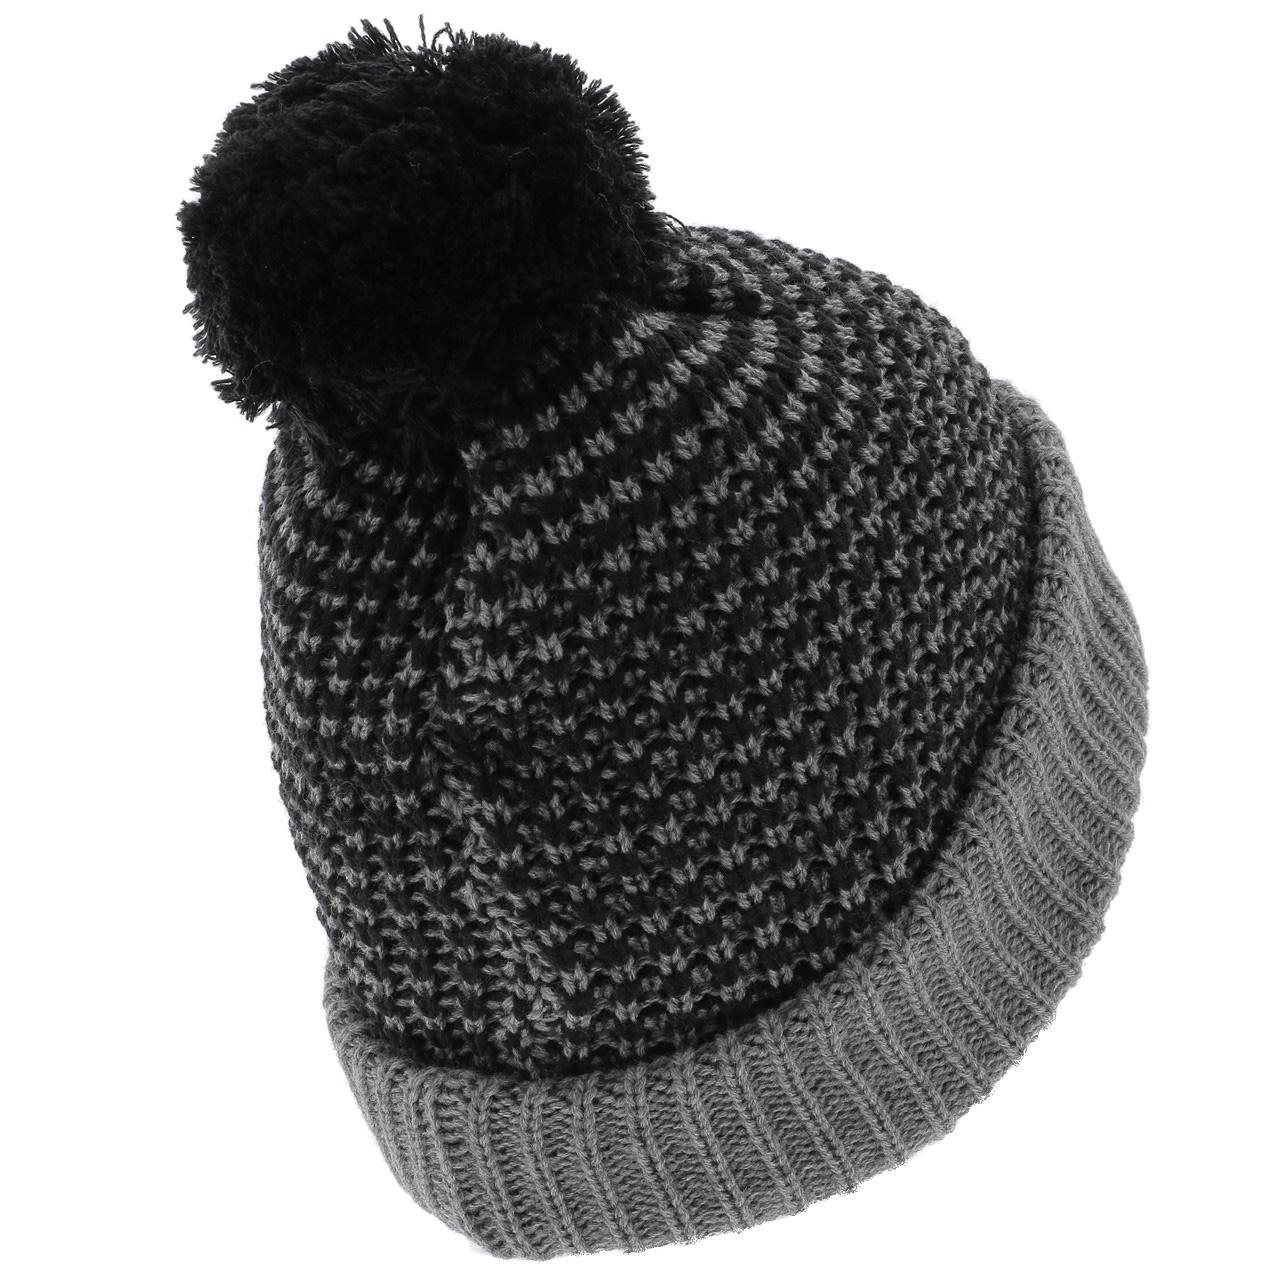 Bonnet-a-pompon-Picture-Ale-beanie-grey-Gris-14177-Neuf miniature 5